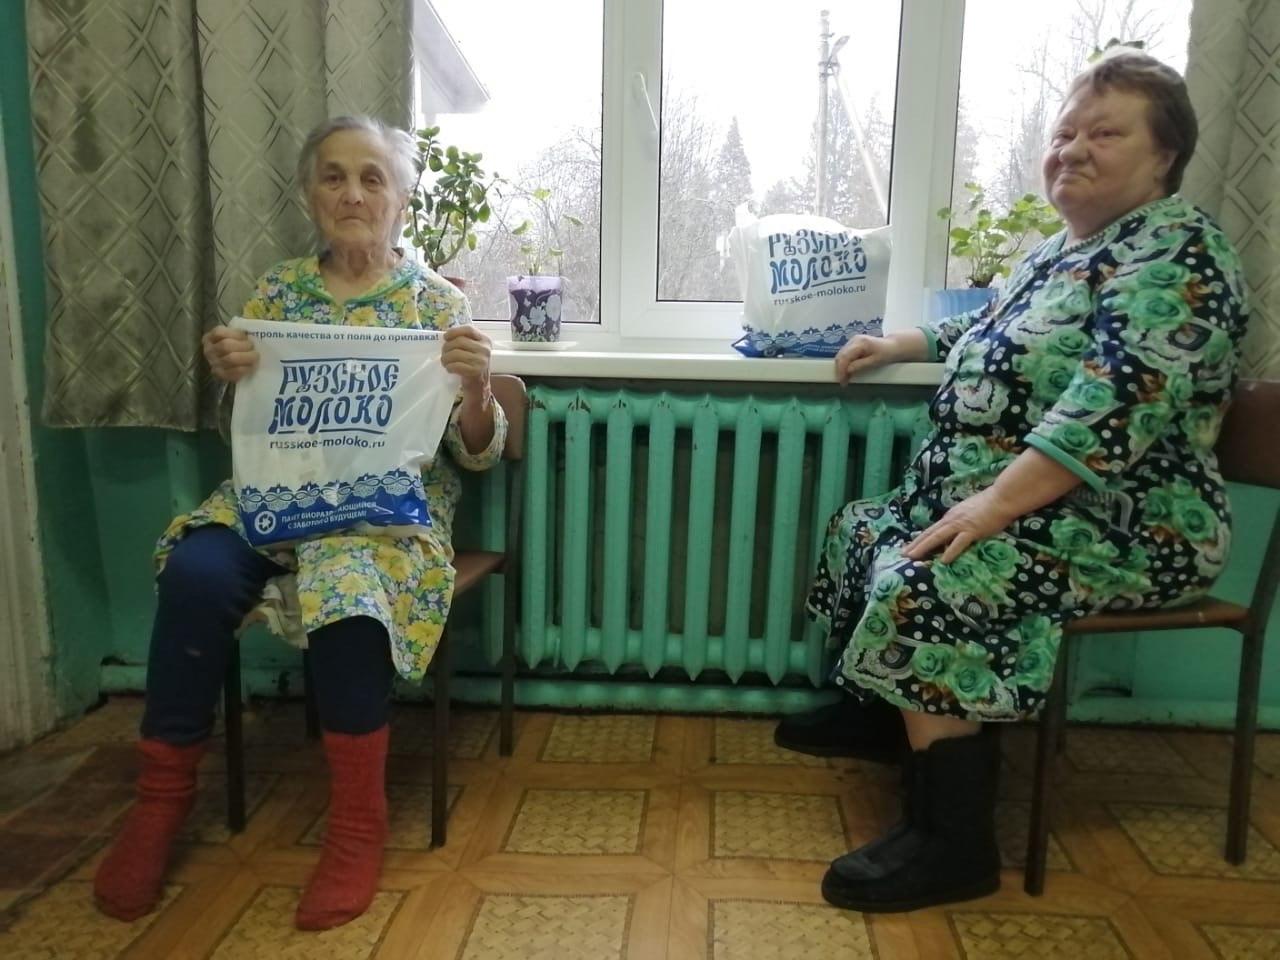 Благотворительная акция Рузского молока и Фонда